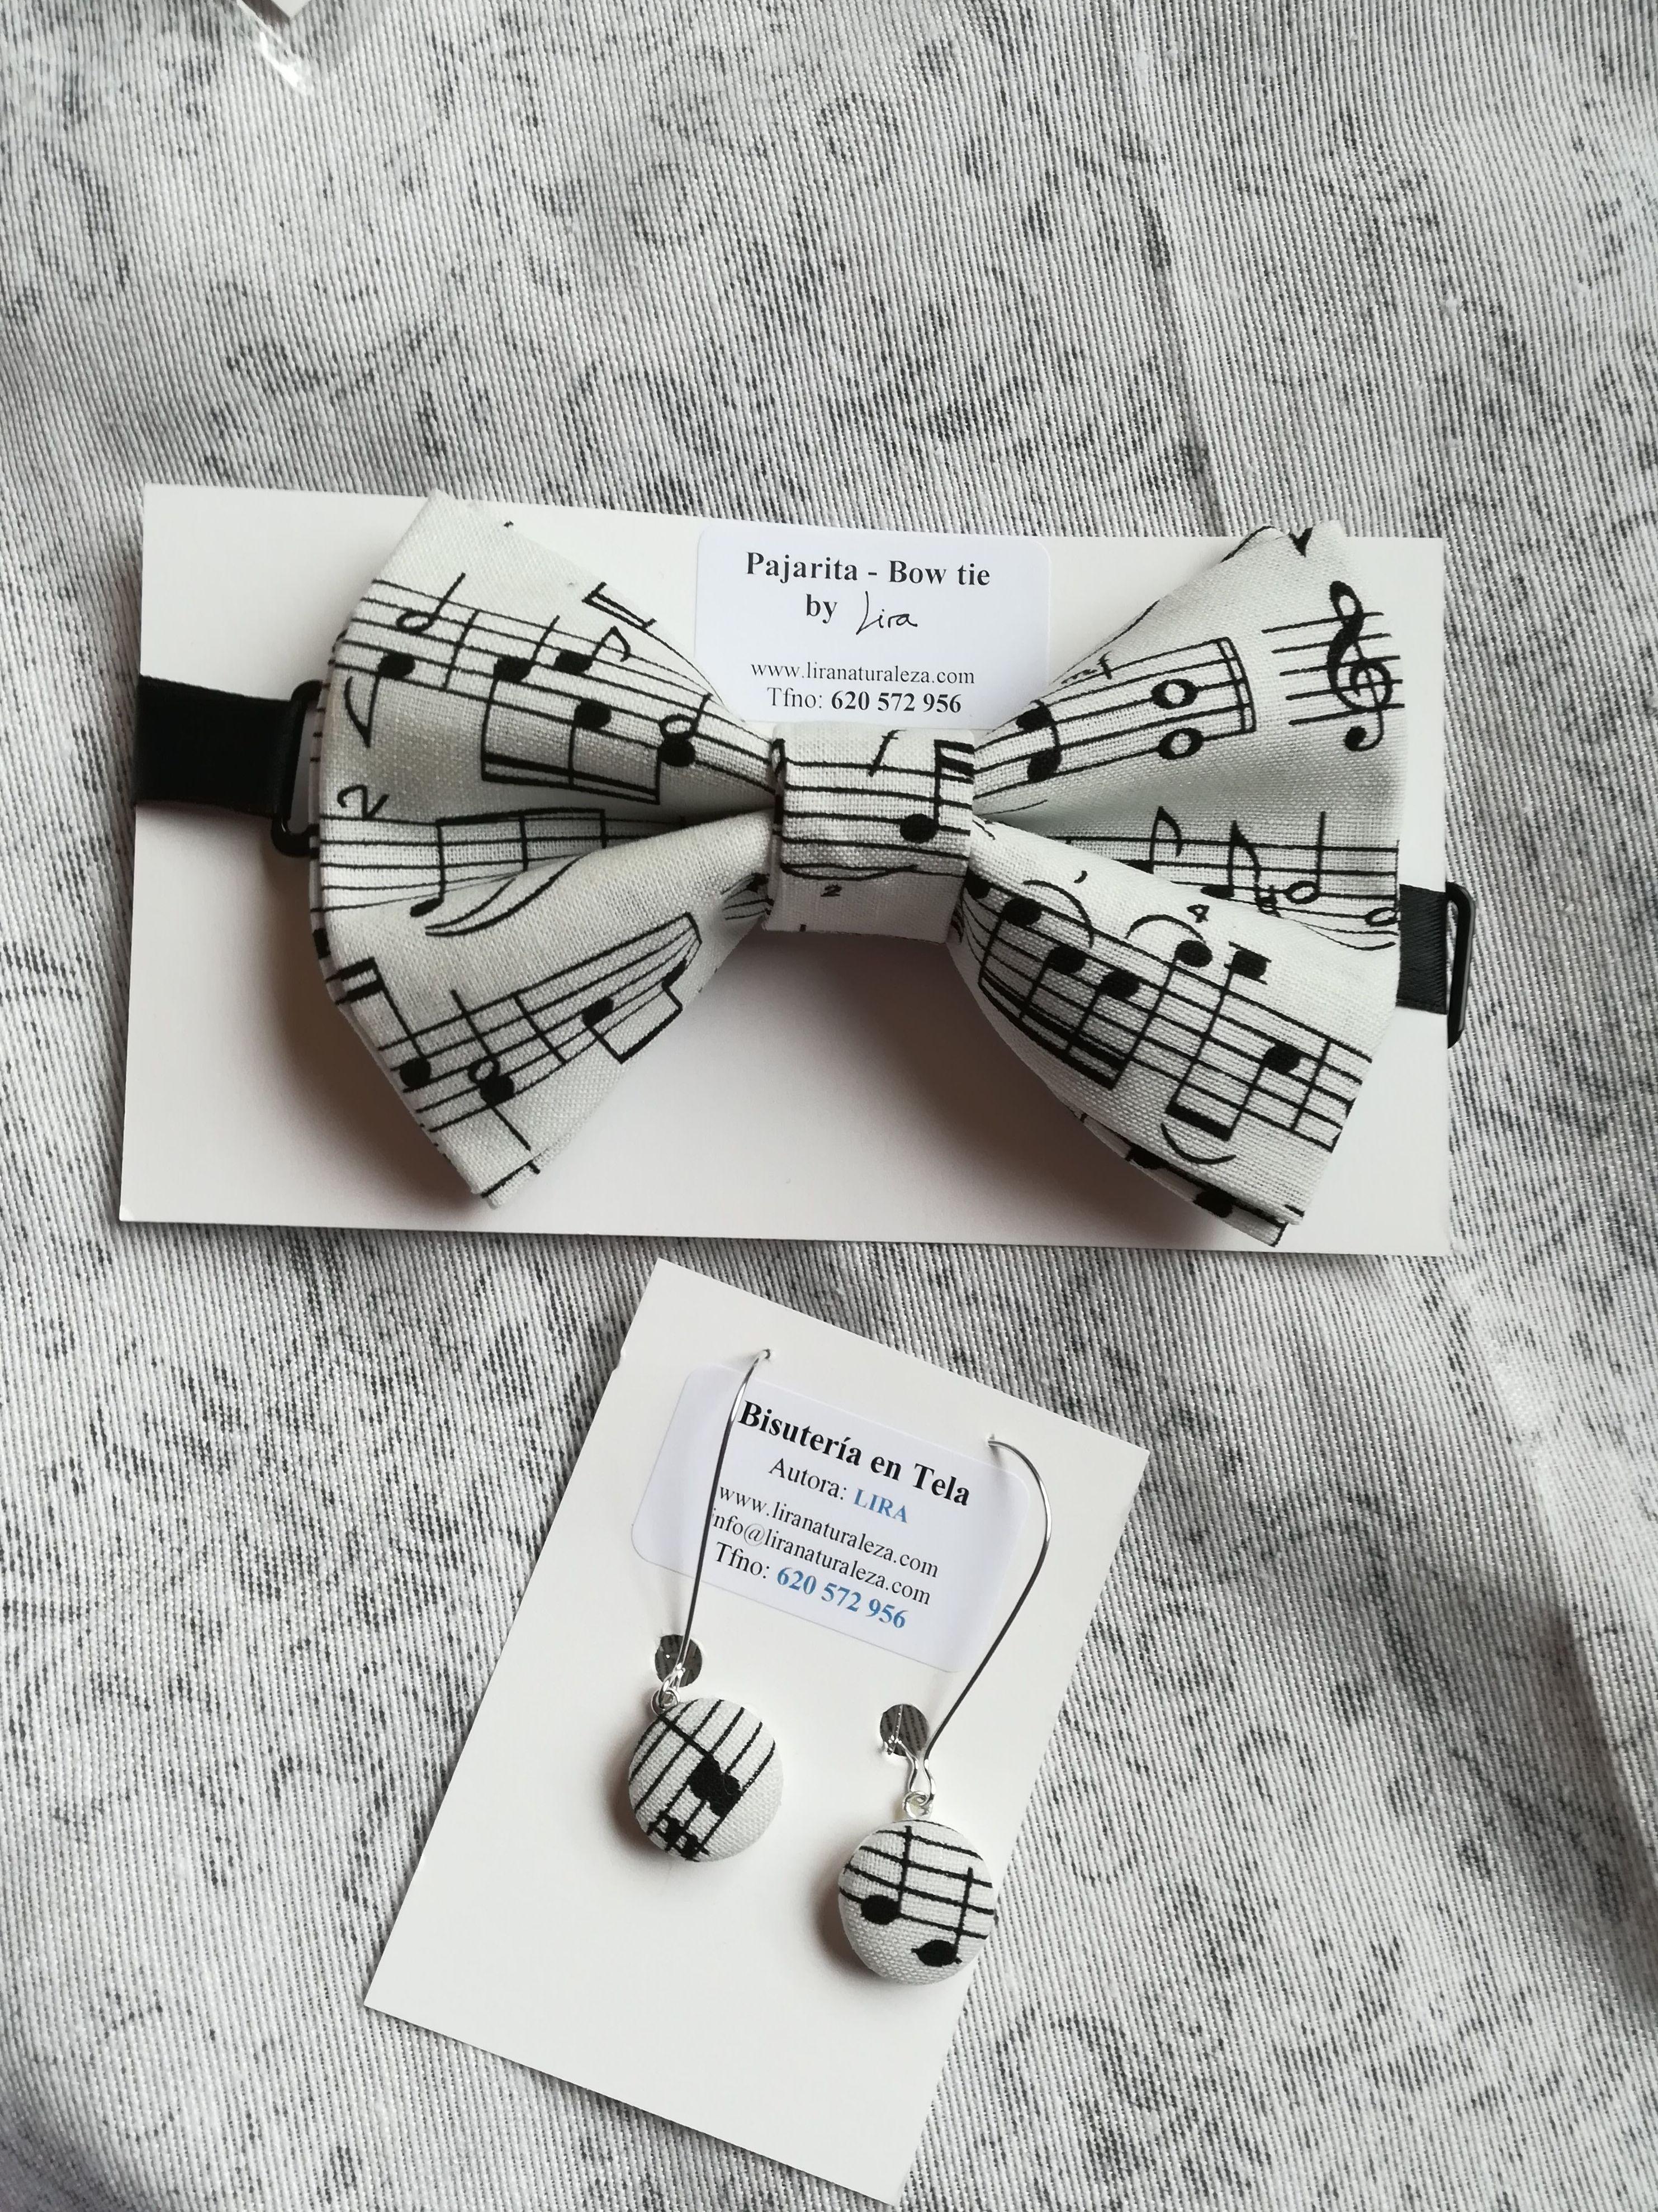 Viva la Música!: Pajarita de caballero y pendientes de Lira con tela de partitura musical.